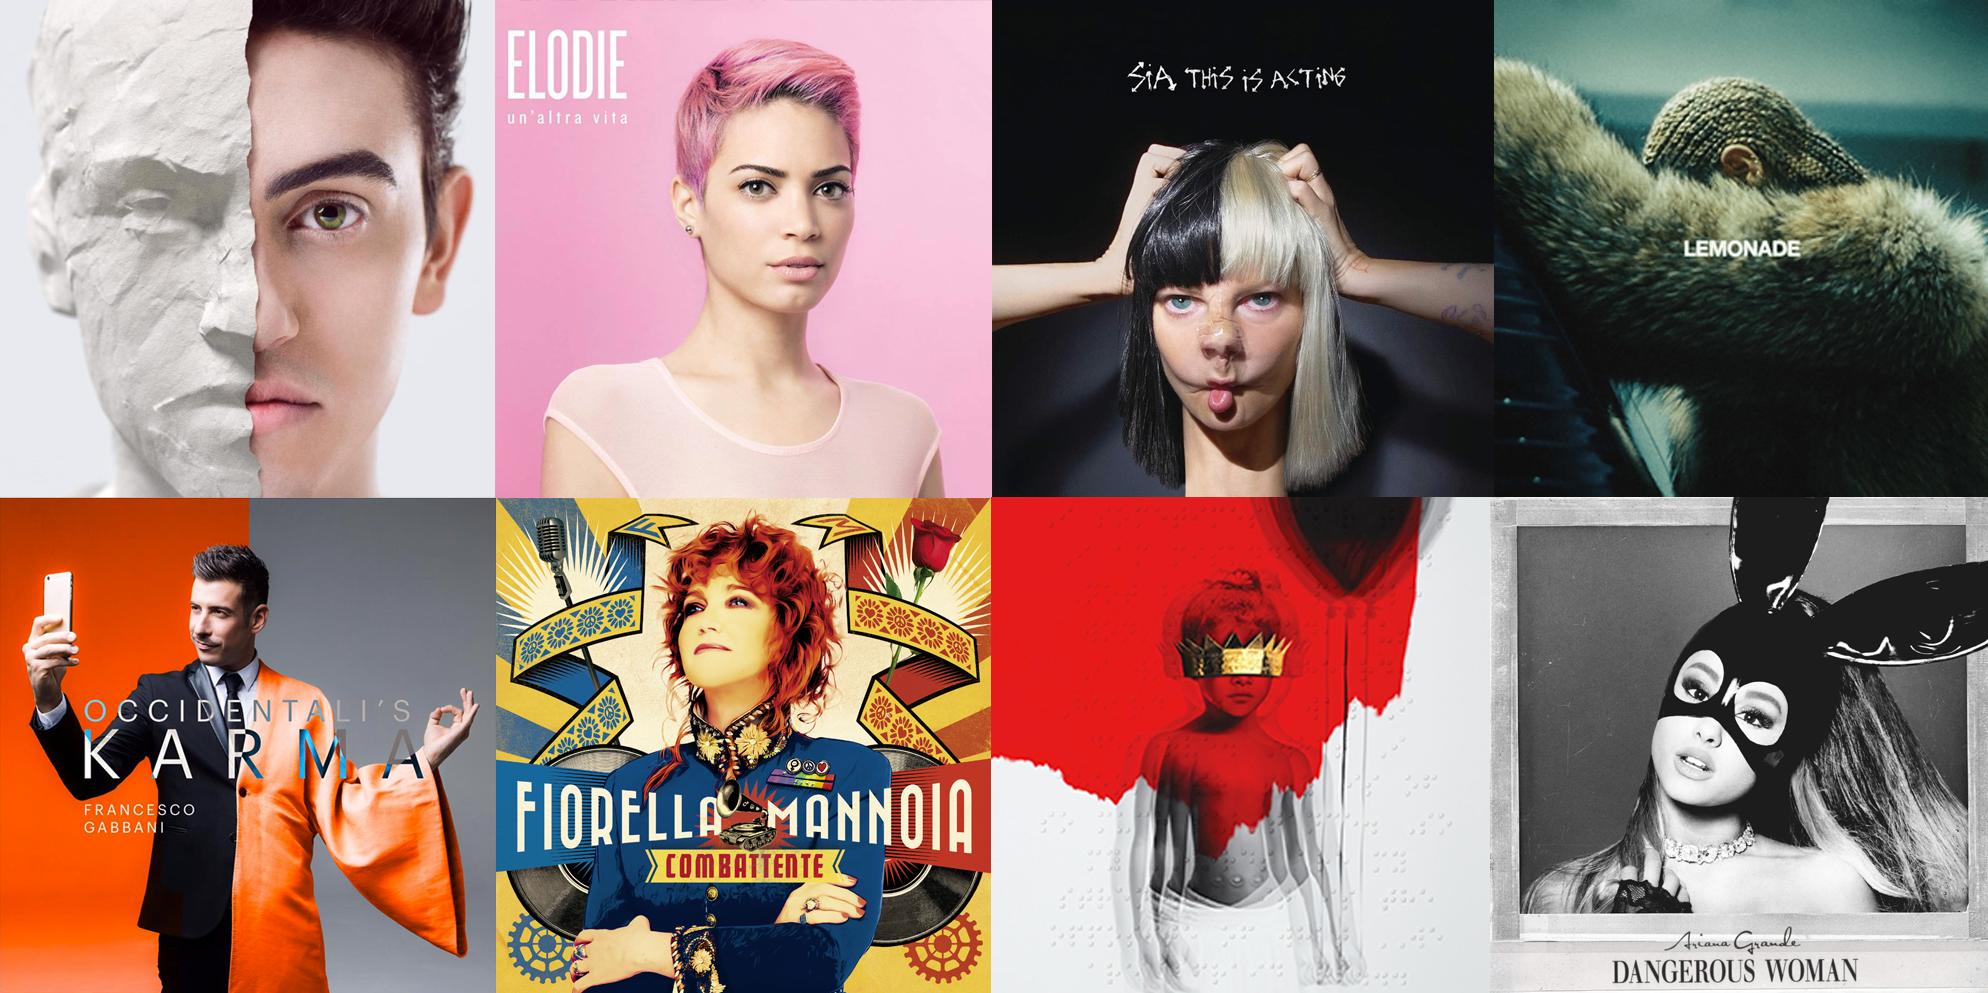 brand identity per la musica grafica copertine album musica